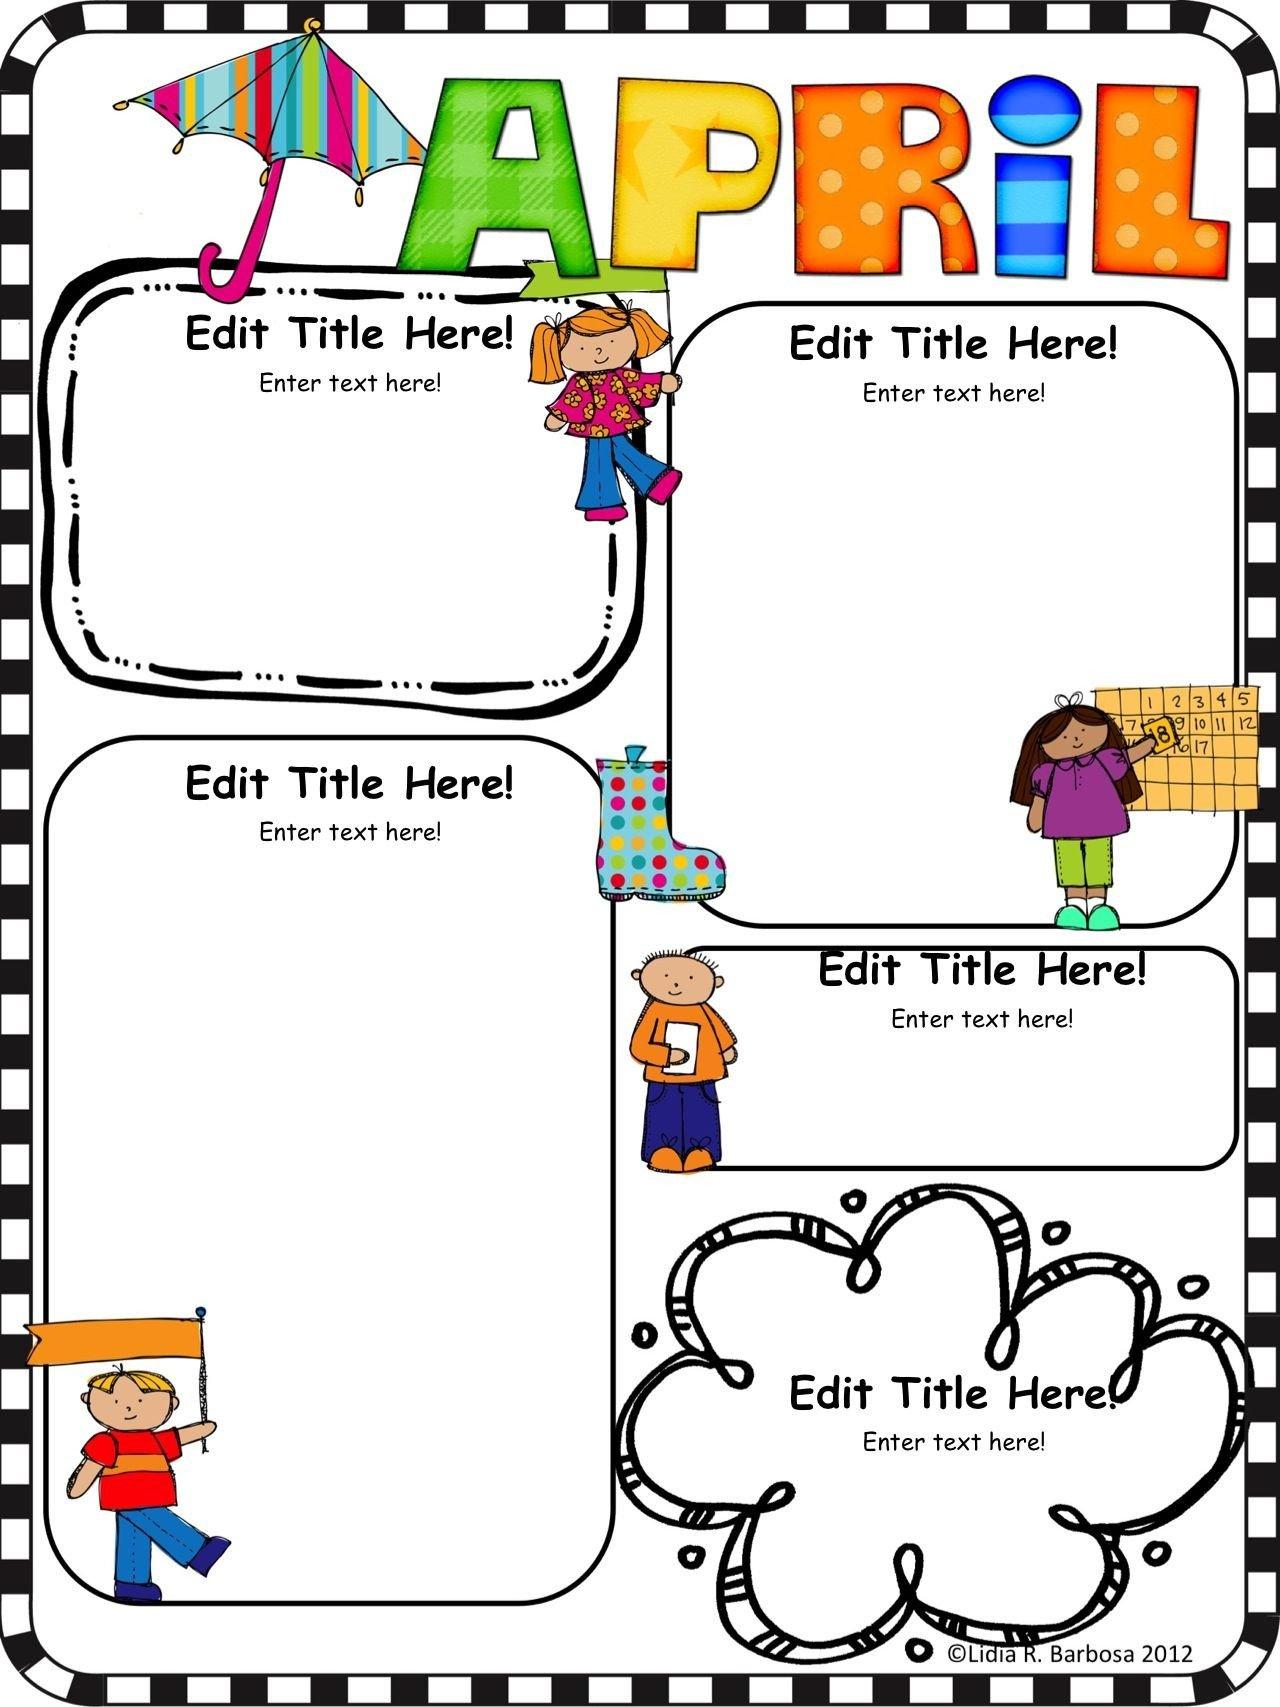 Newsletter Templates for Preschool Pletely Editable Monthly Newsletter Templates English